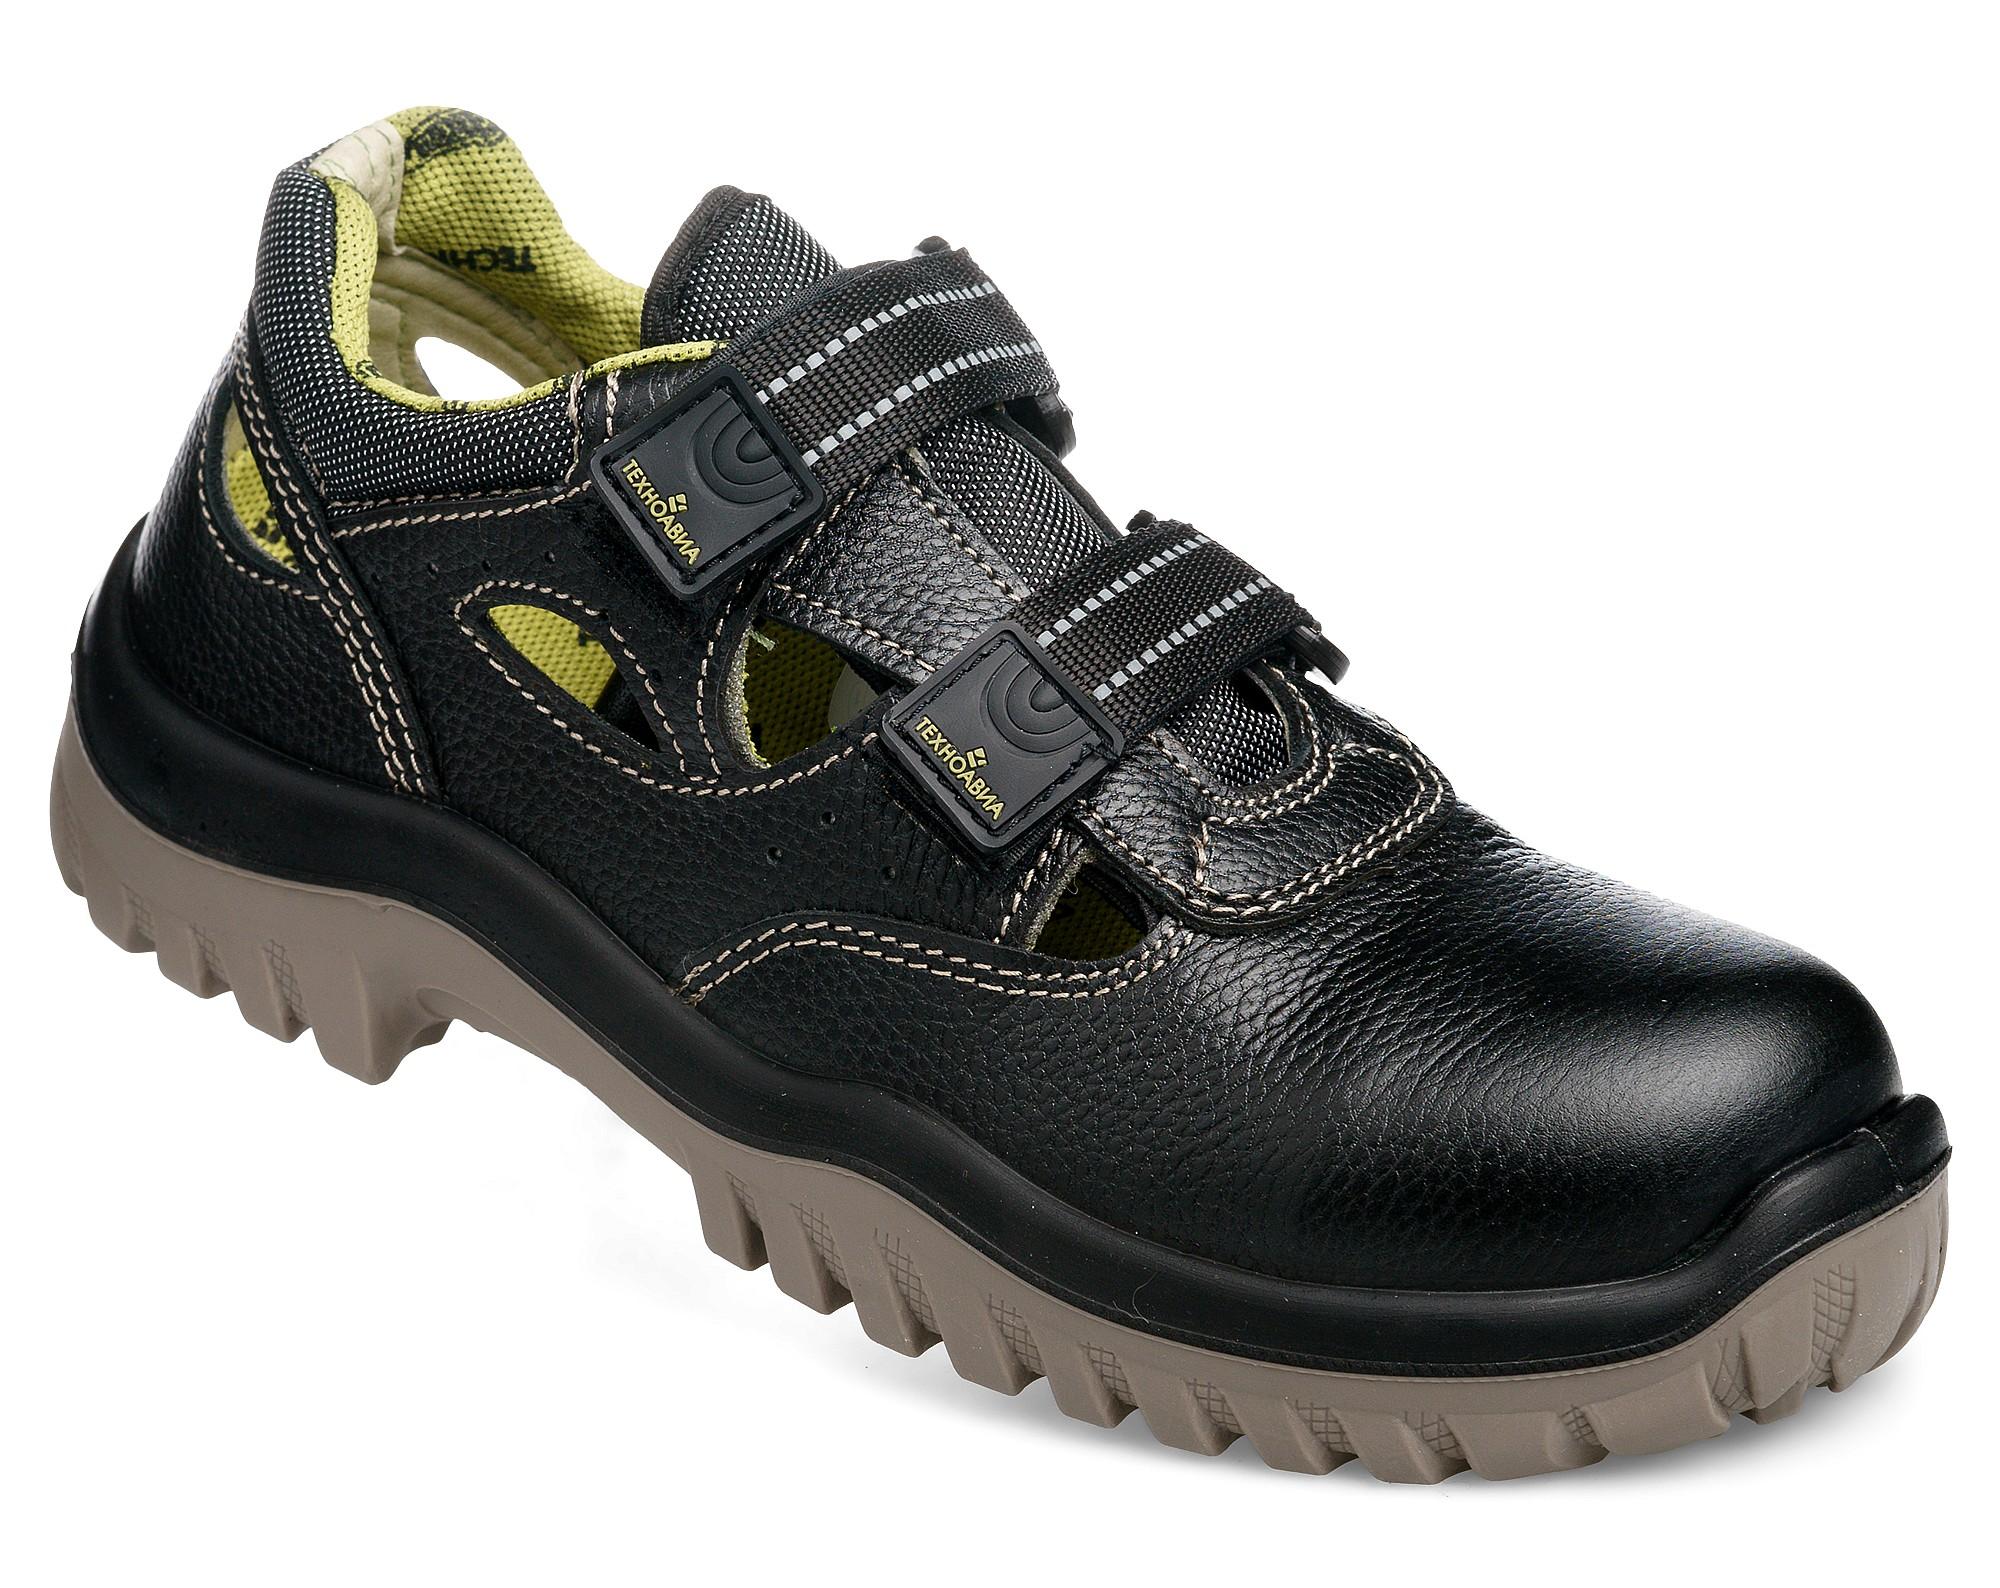 1ad0f4189 Полуботинки мужские кожаные Неогард-Лайт® с перфорацией :: Техноавиа